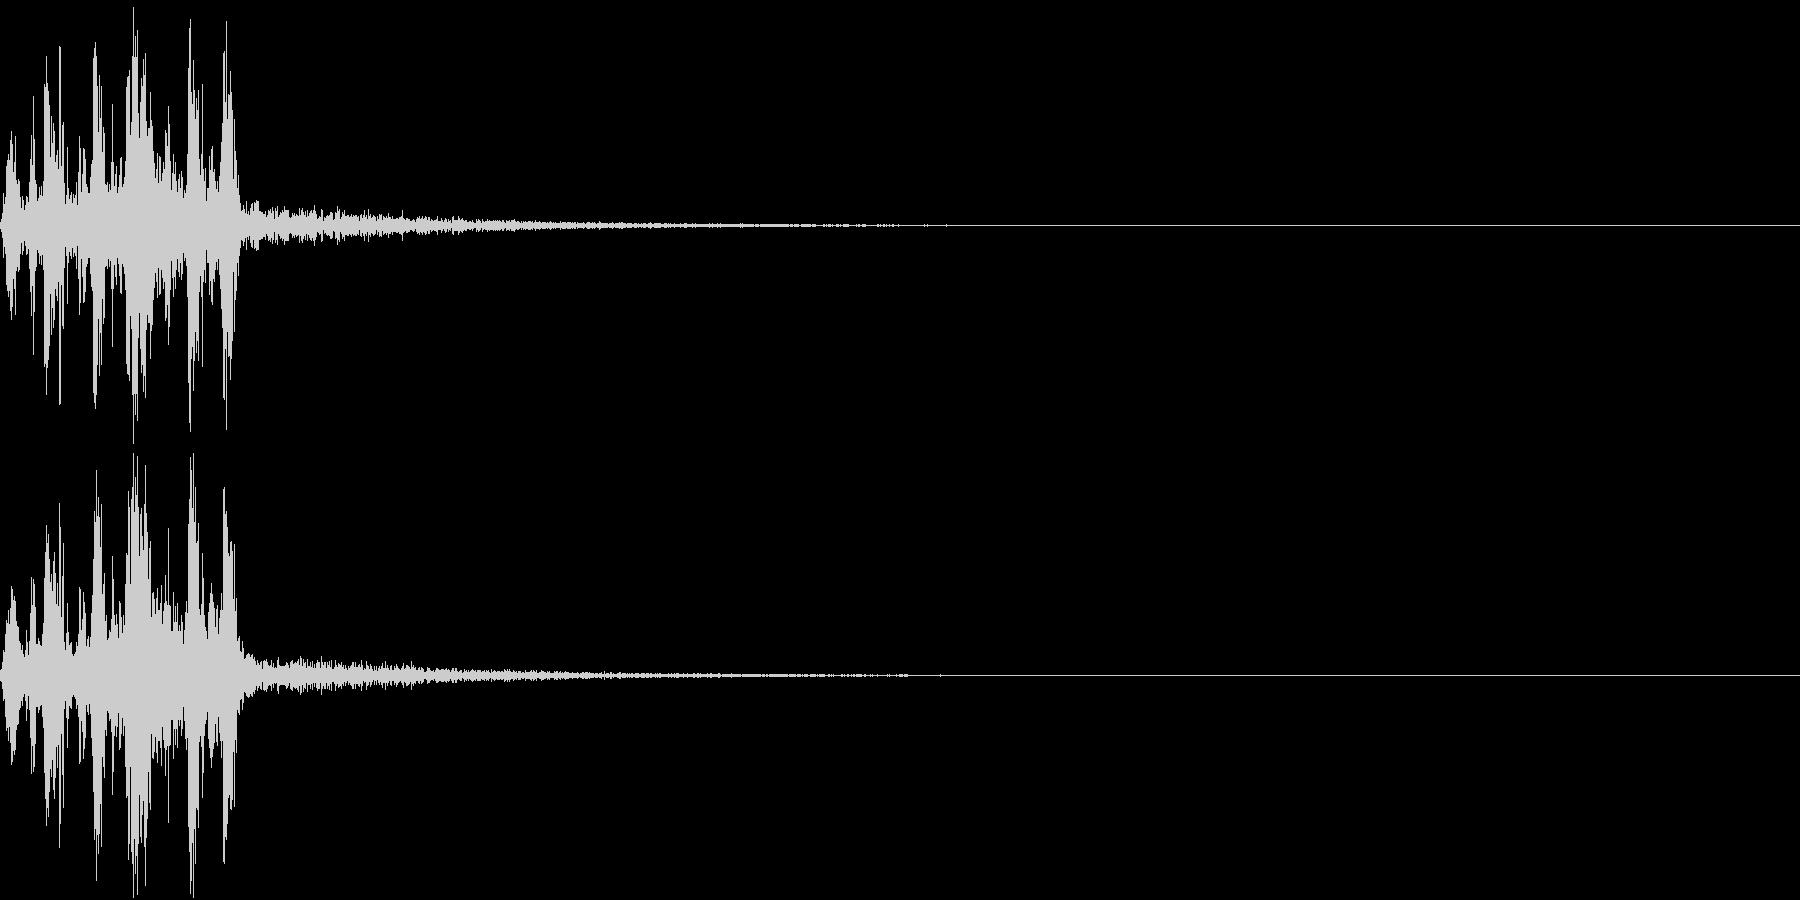 Camera 室内撮影 シャッター音 5の未再生の波形